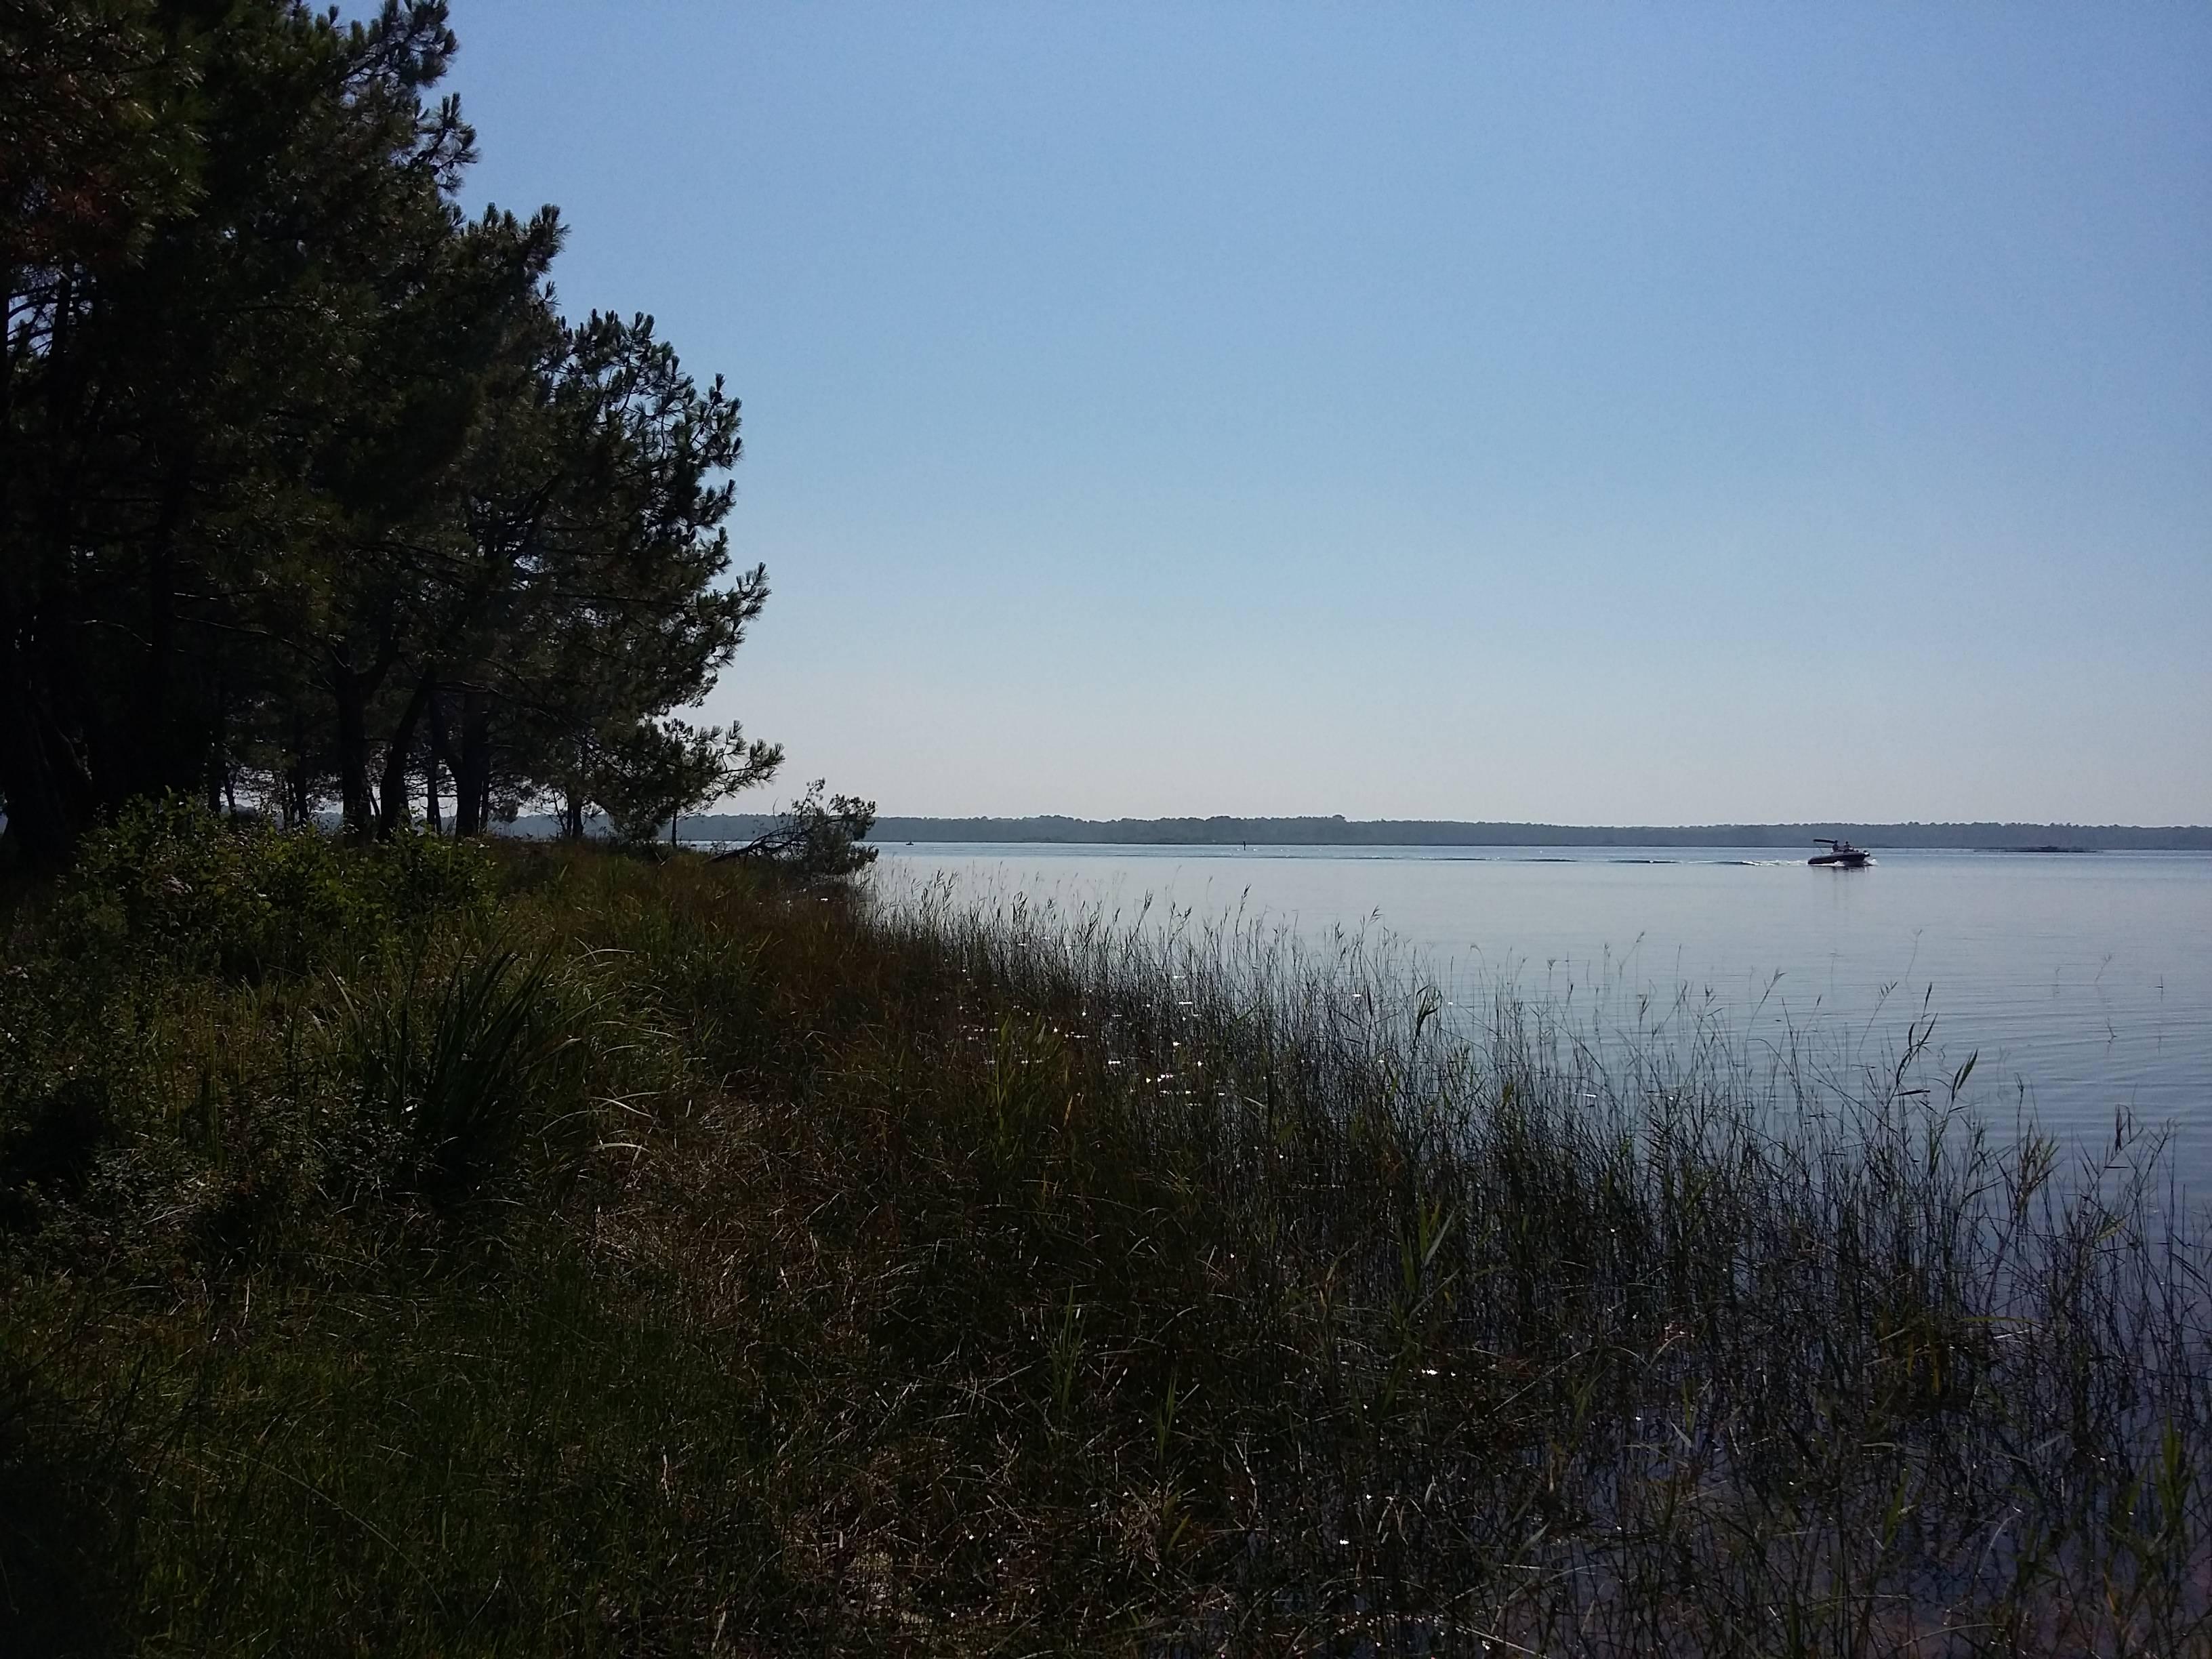 Photo 3: Sur la plage abandonnée au lac de lacanau